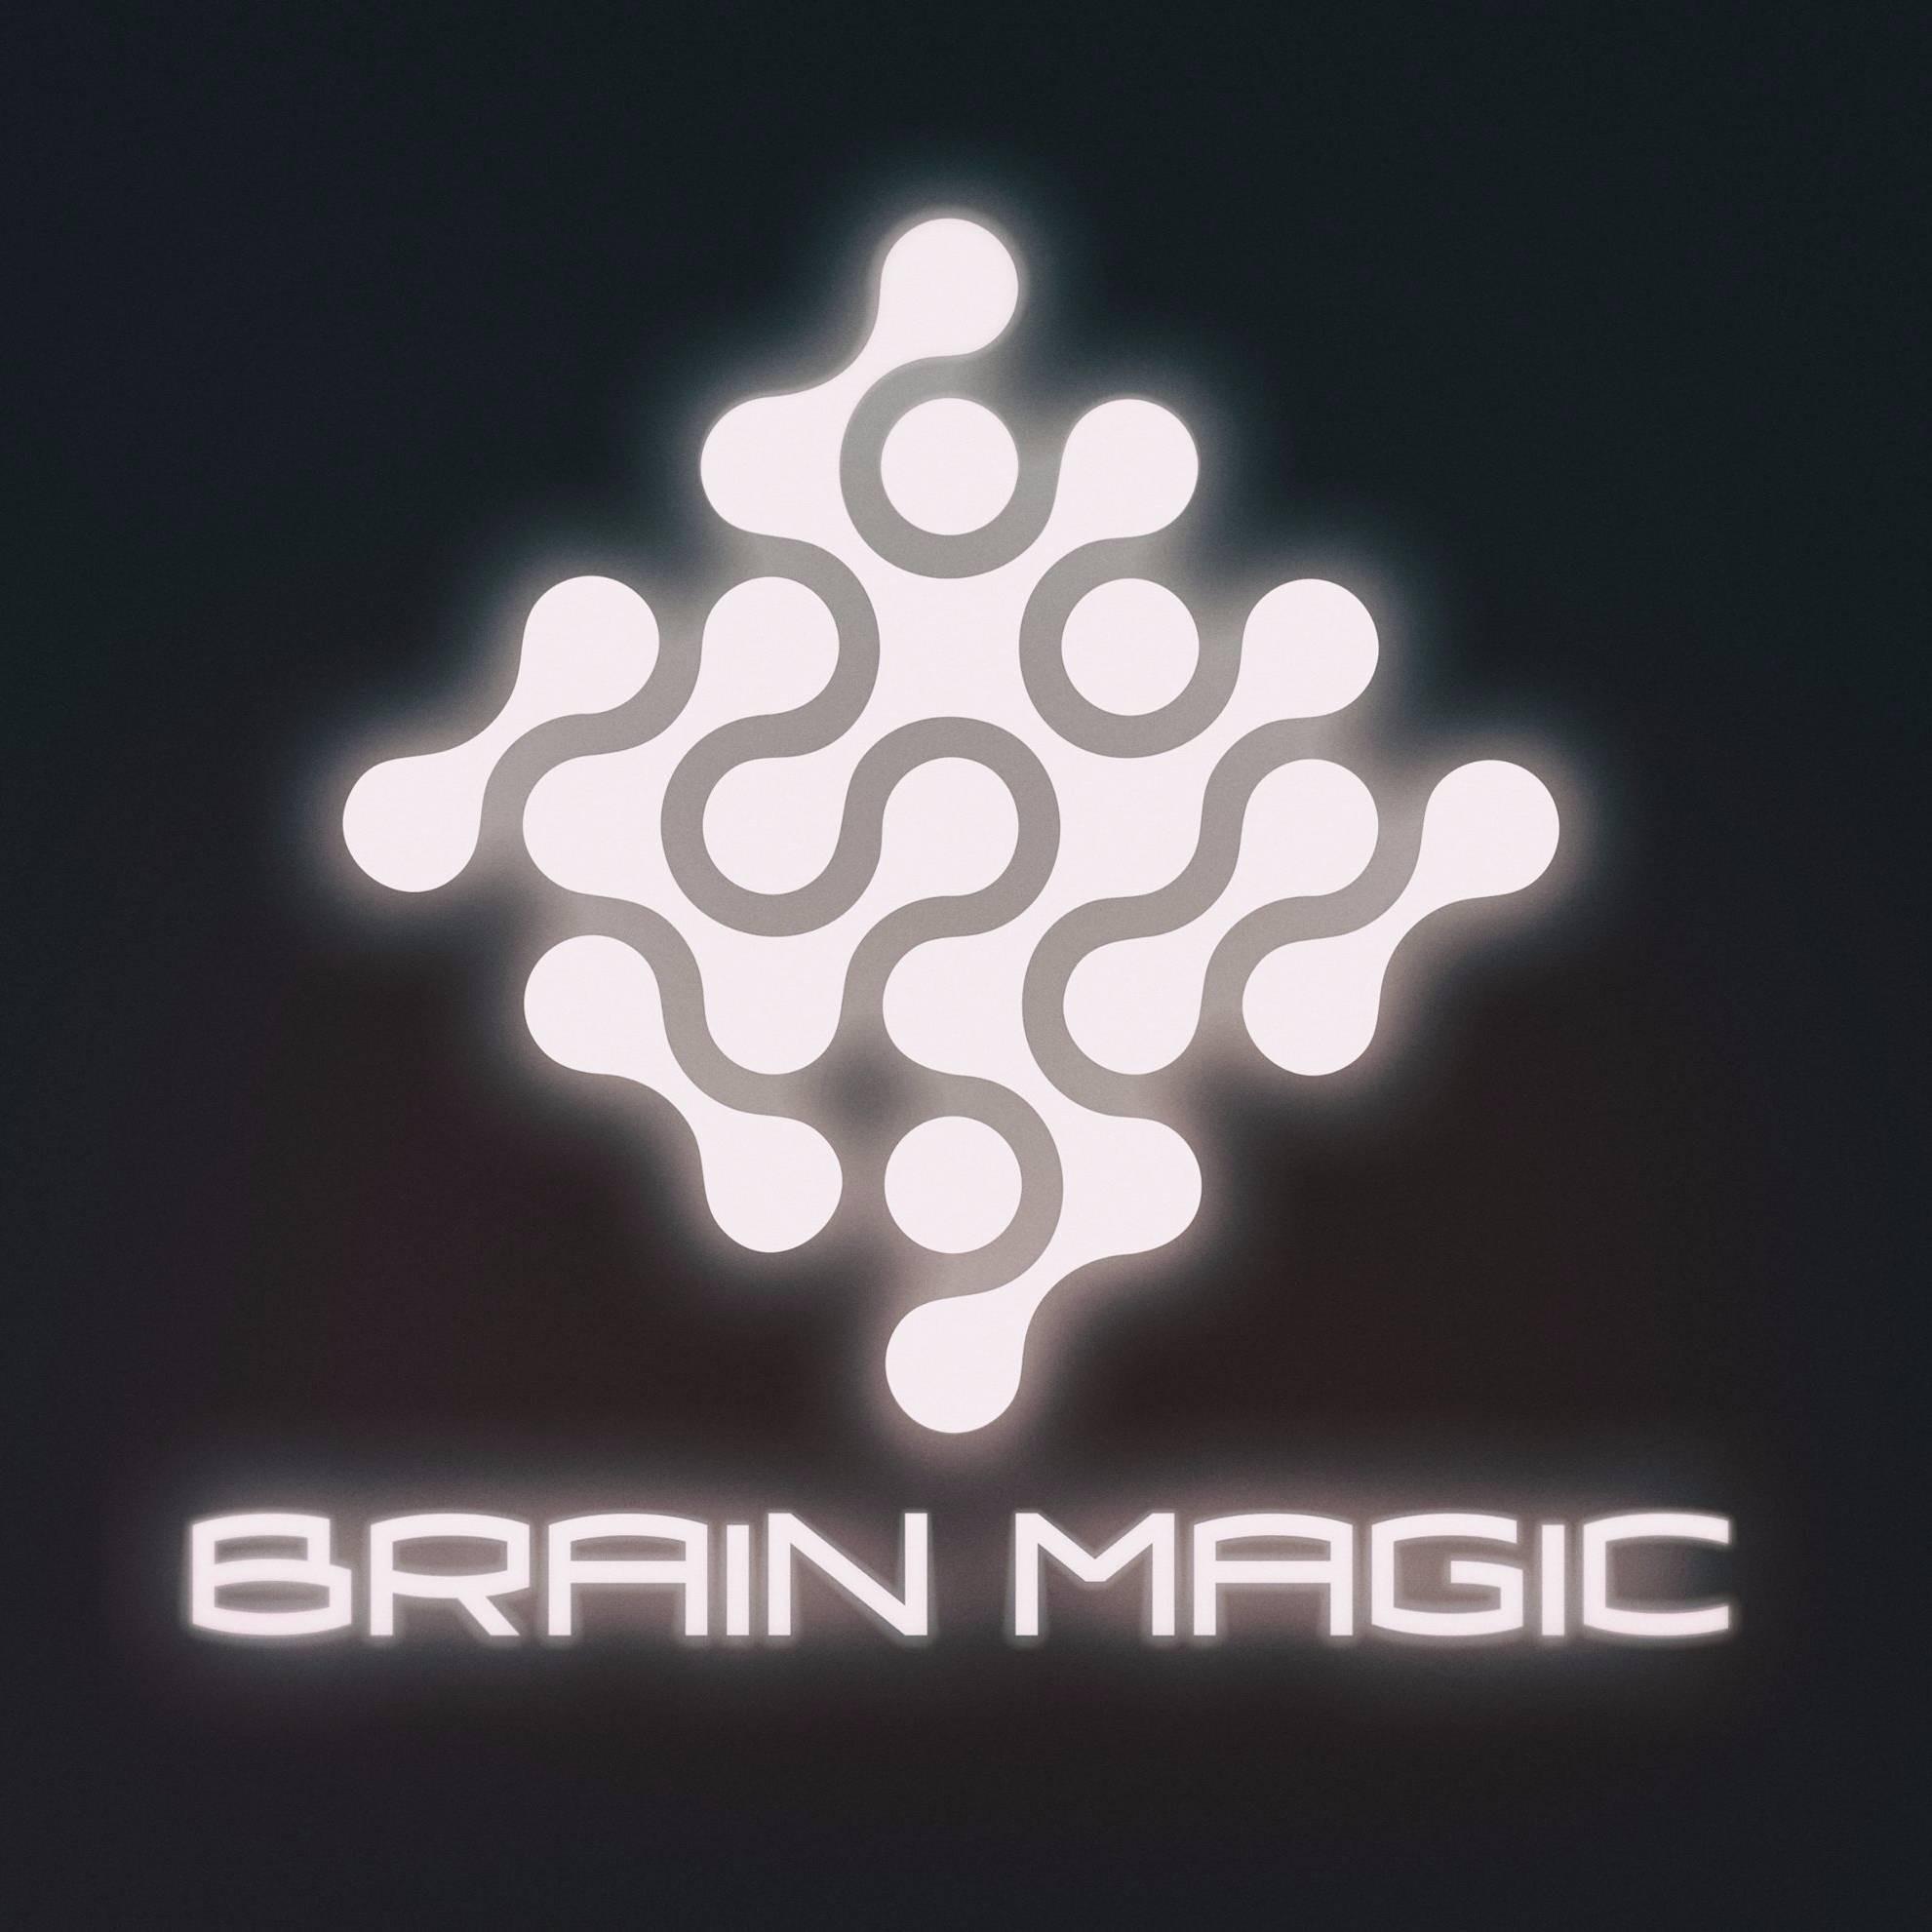 株式会社BRAIN MAGIC ロゴ